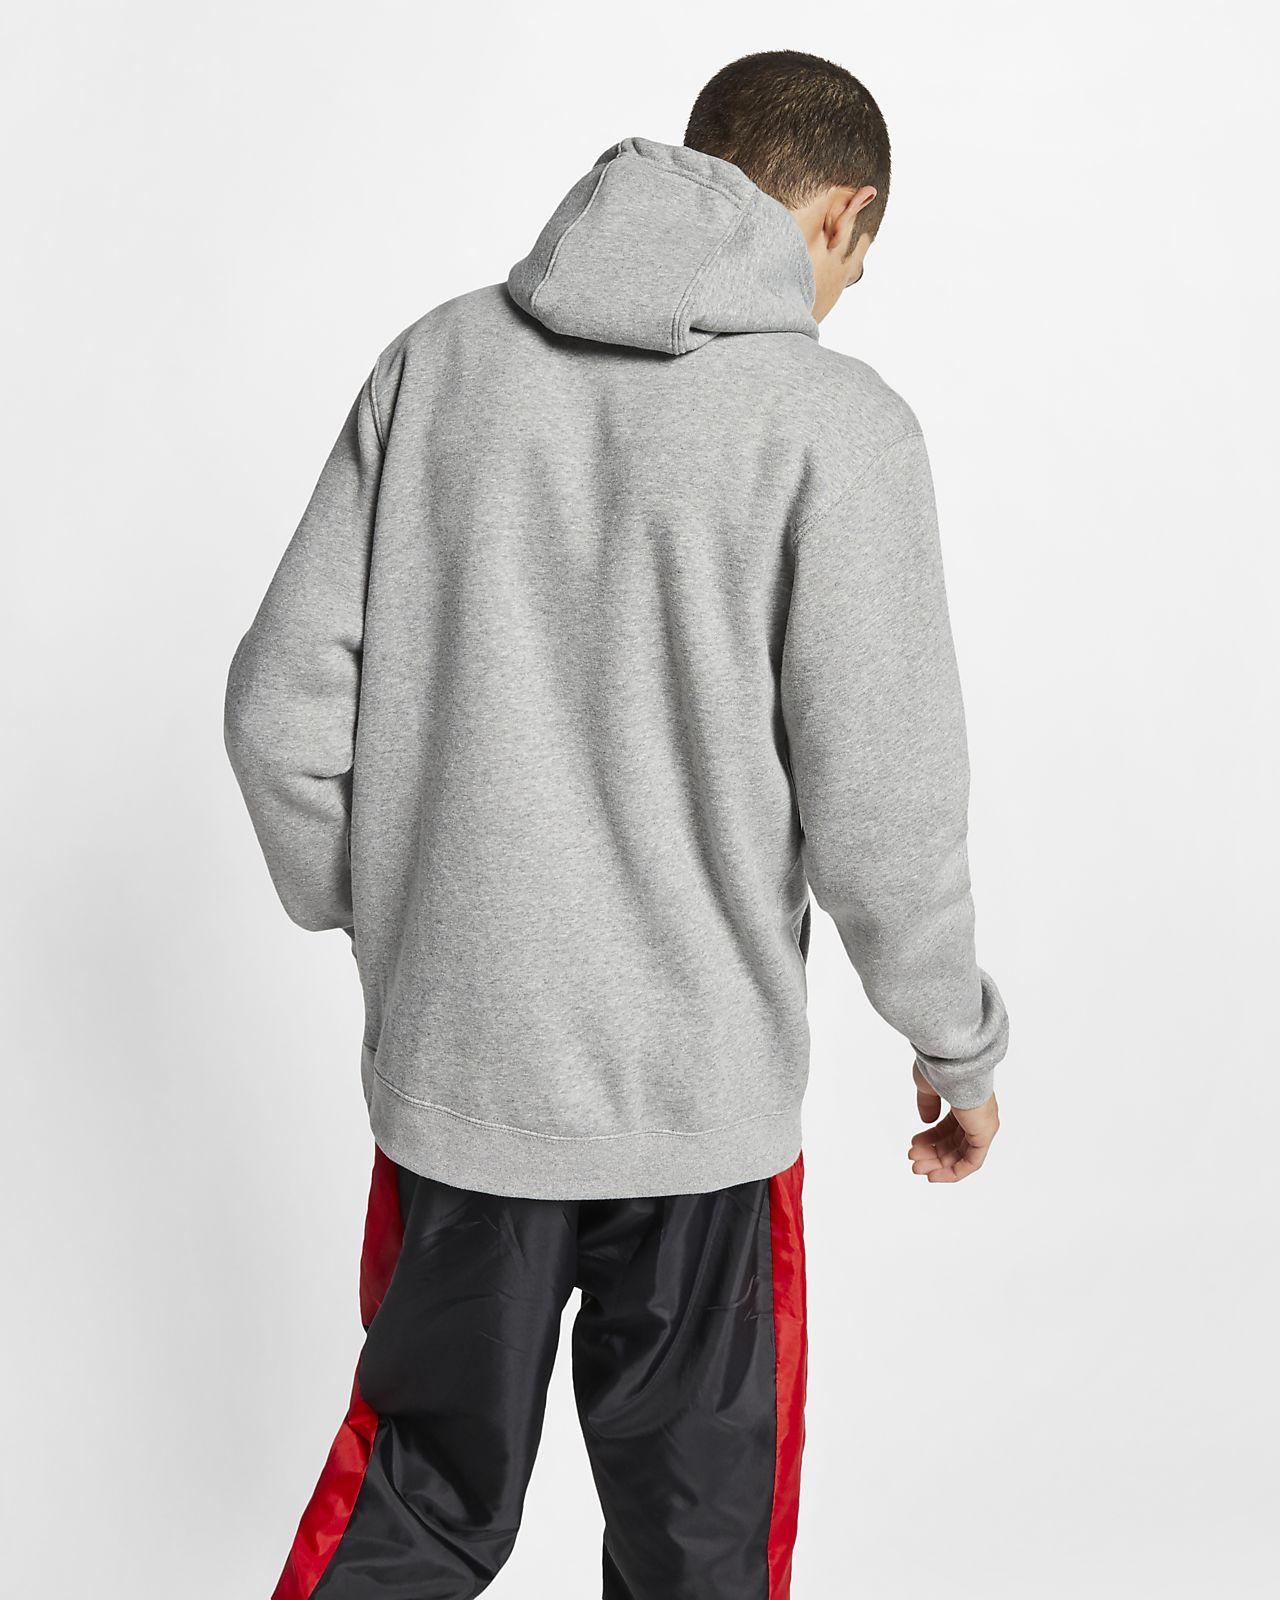 Capuche Sportswear Nike Fleece À Sweat Club OPkXZuiT